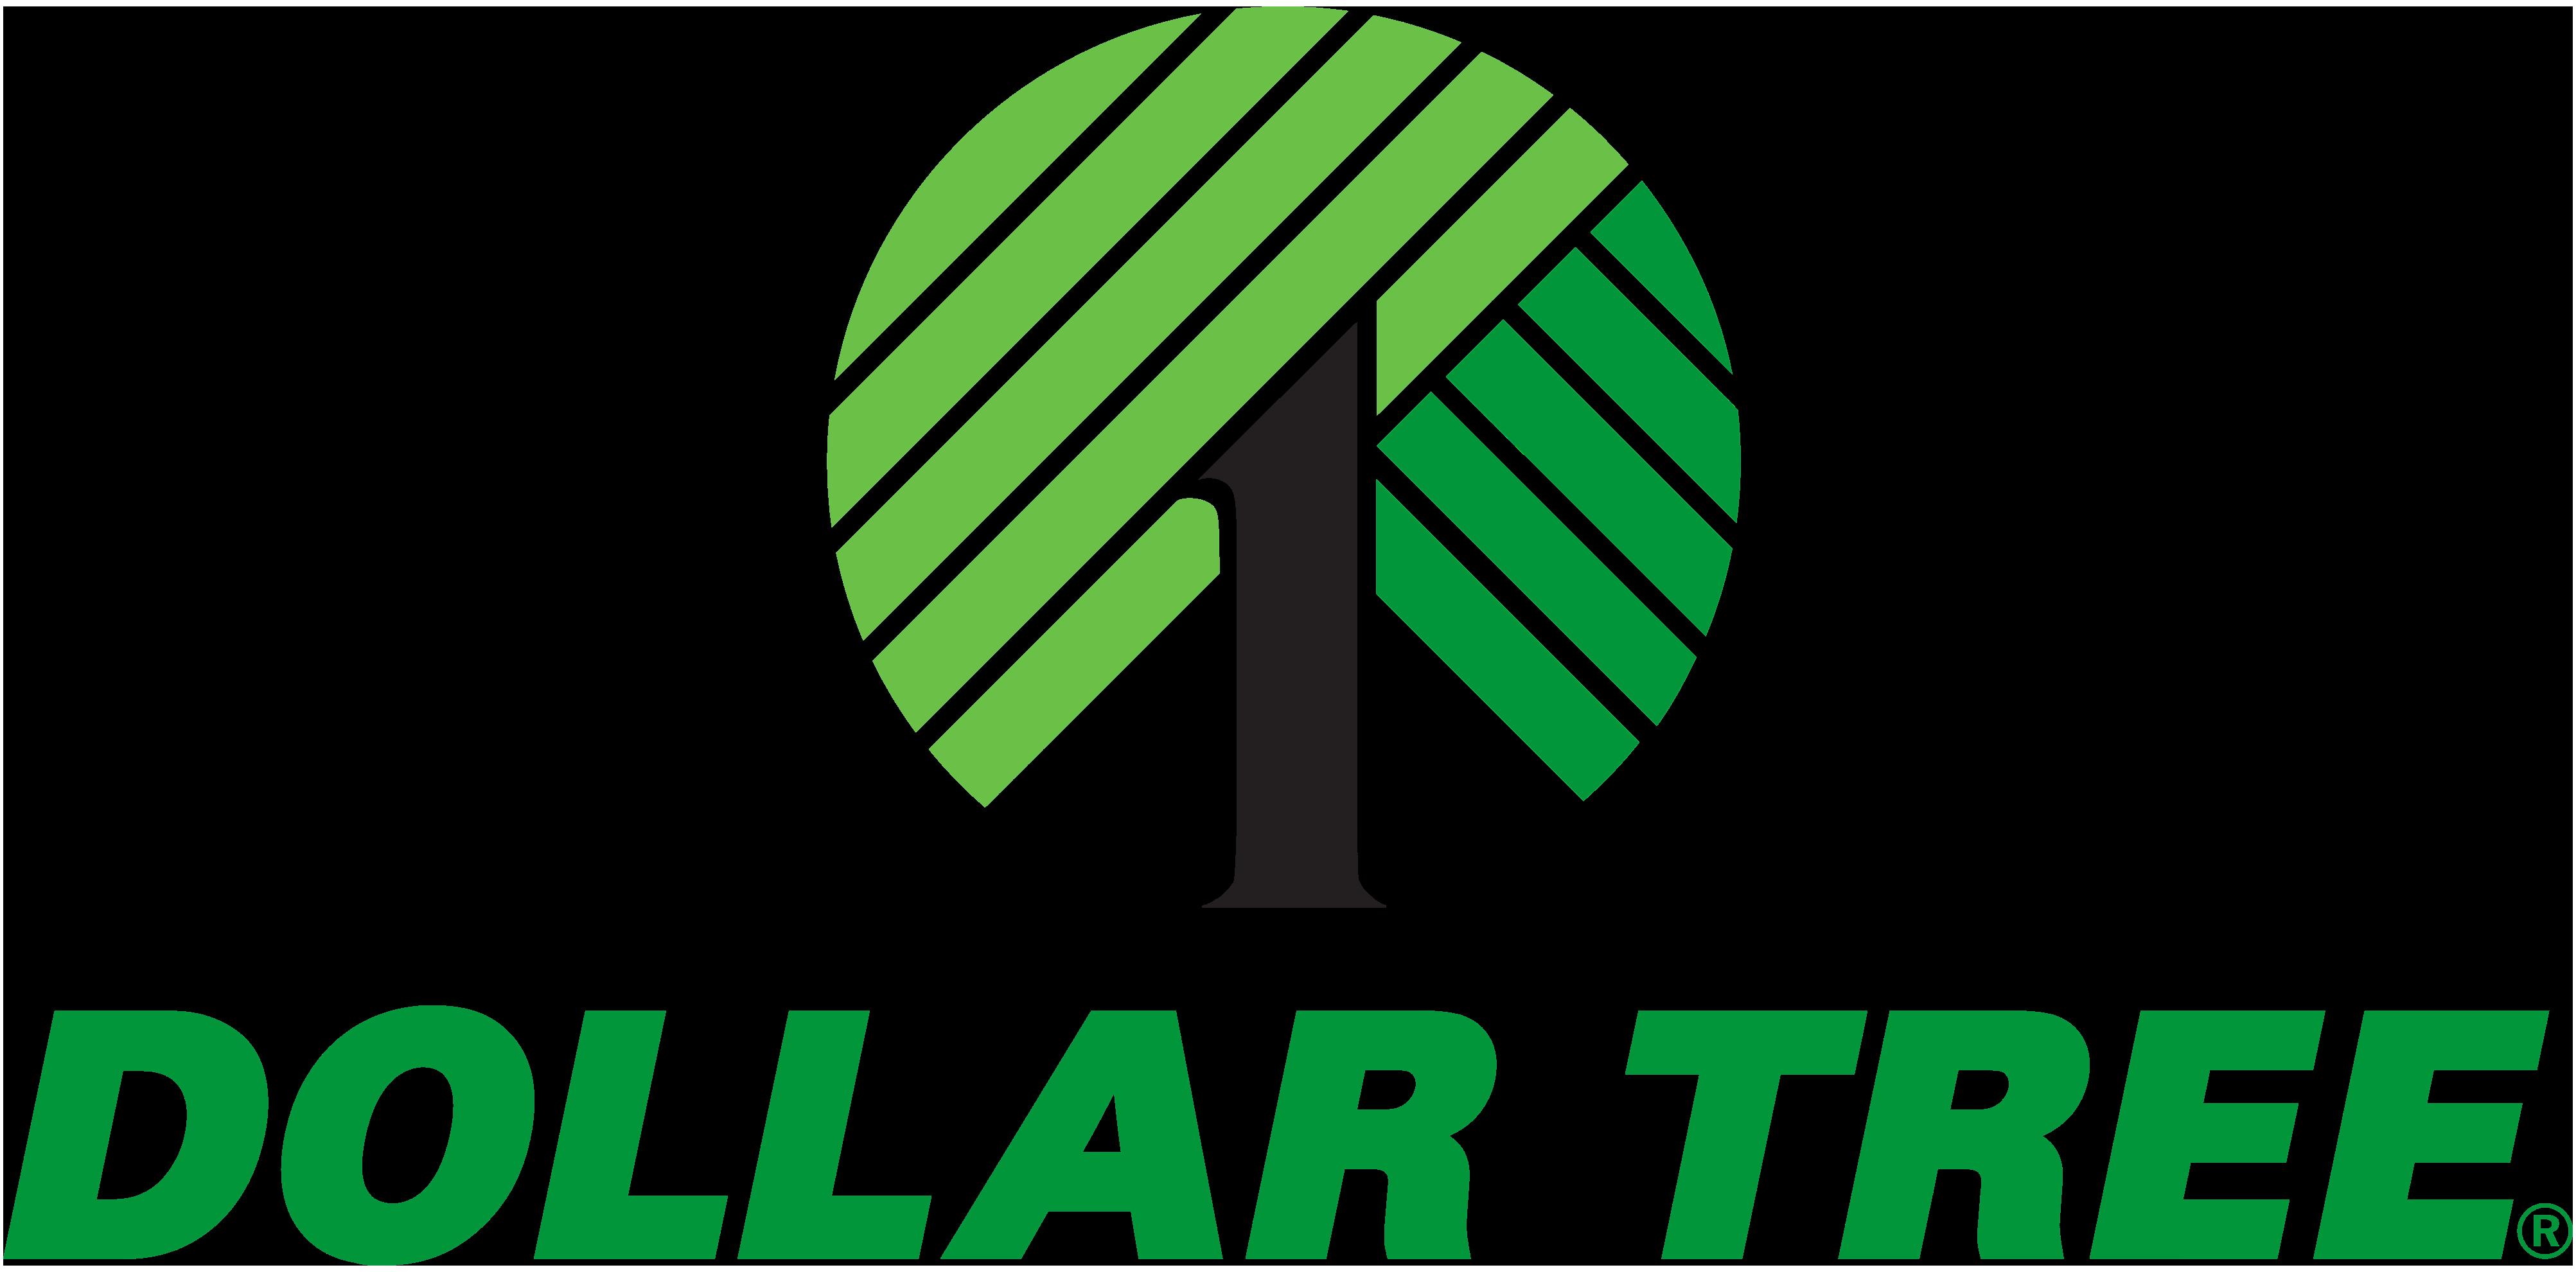 Dollar_Tree_logo_symbol